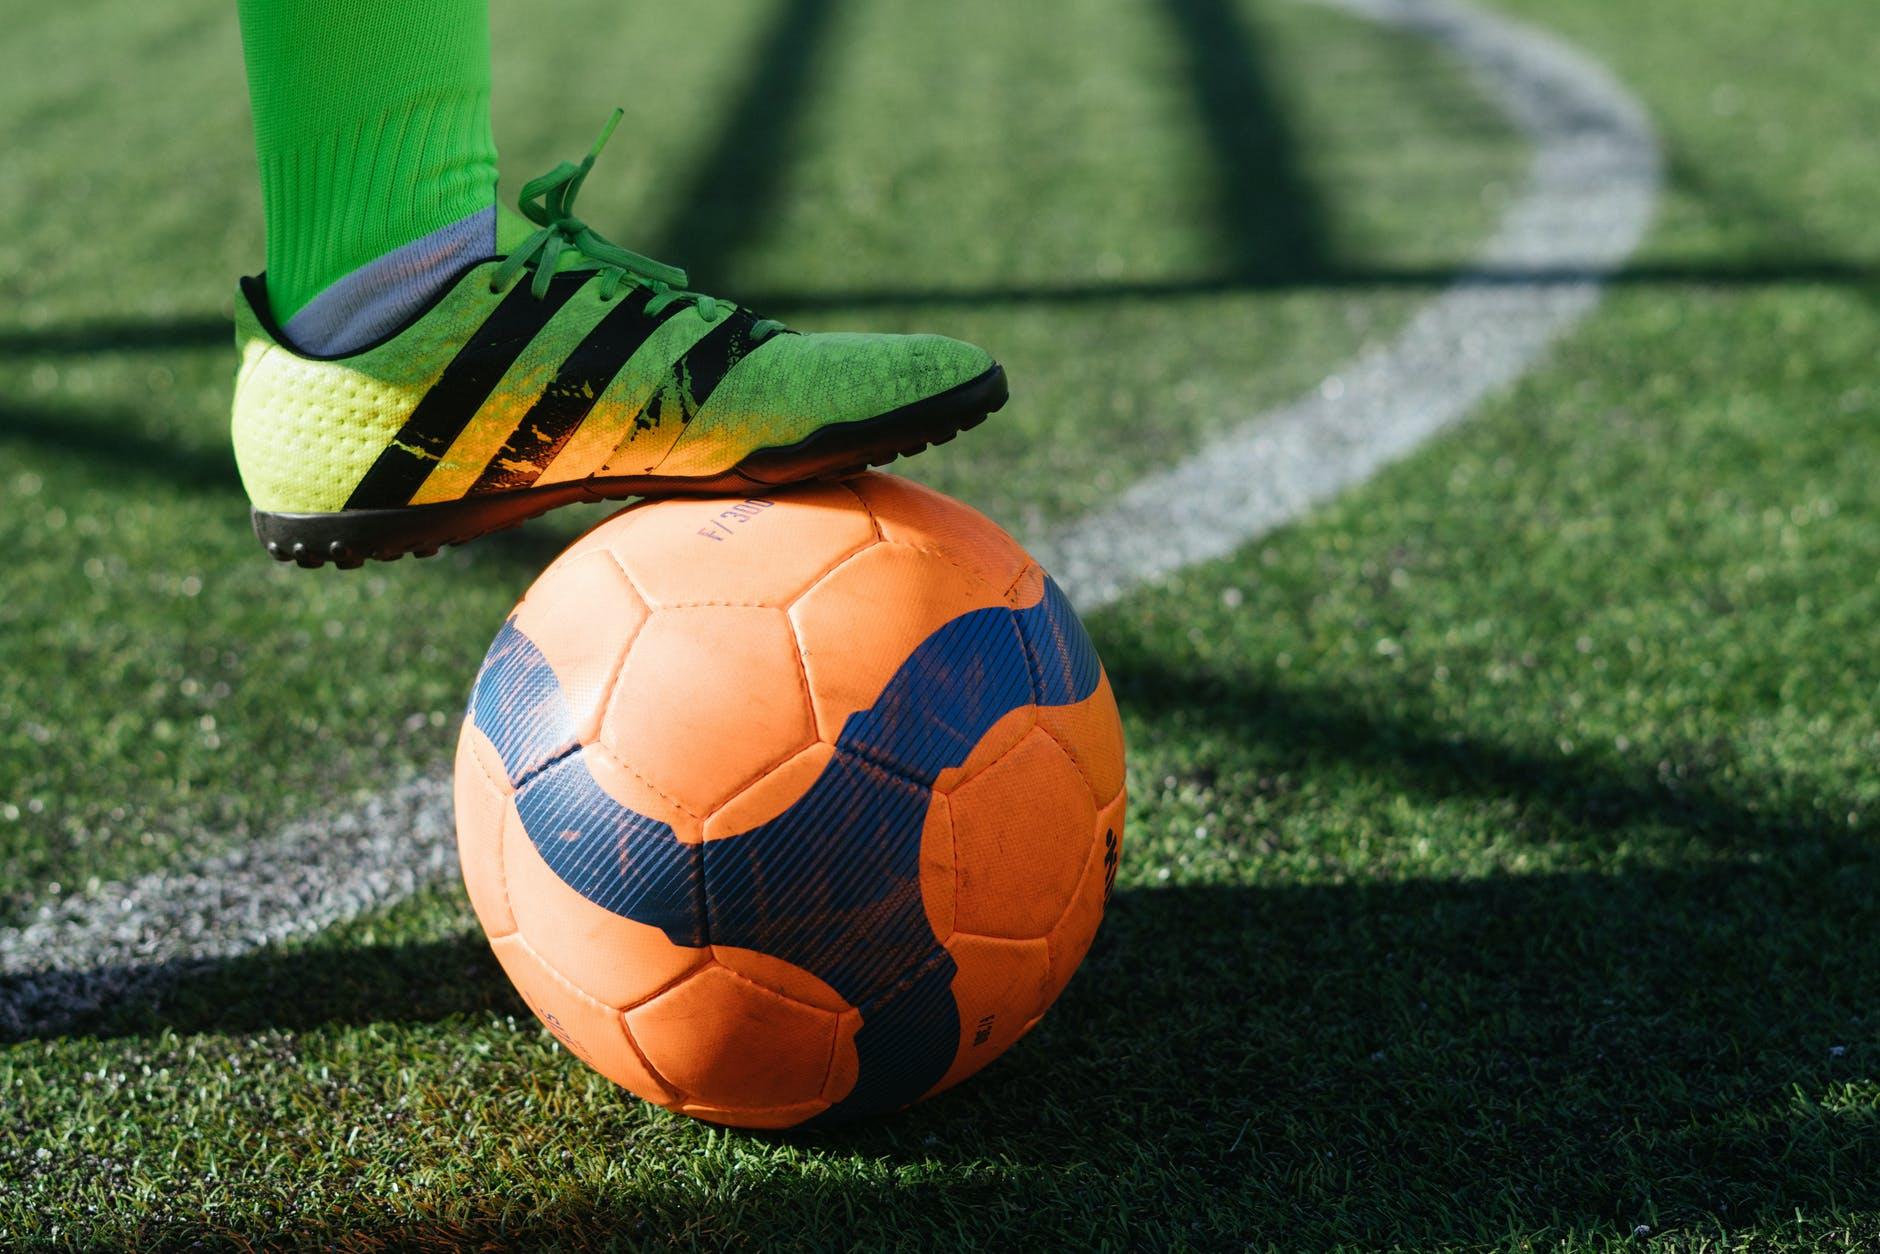 Fußball auf dem Rasen.